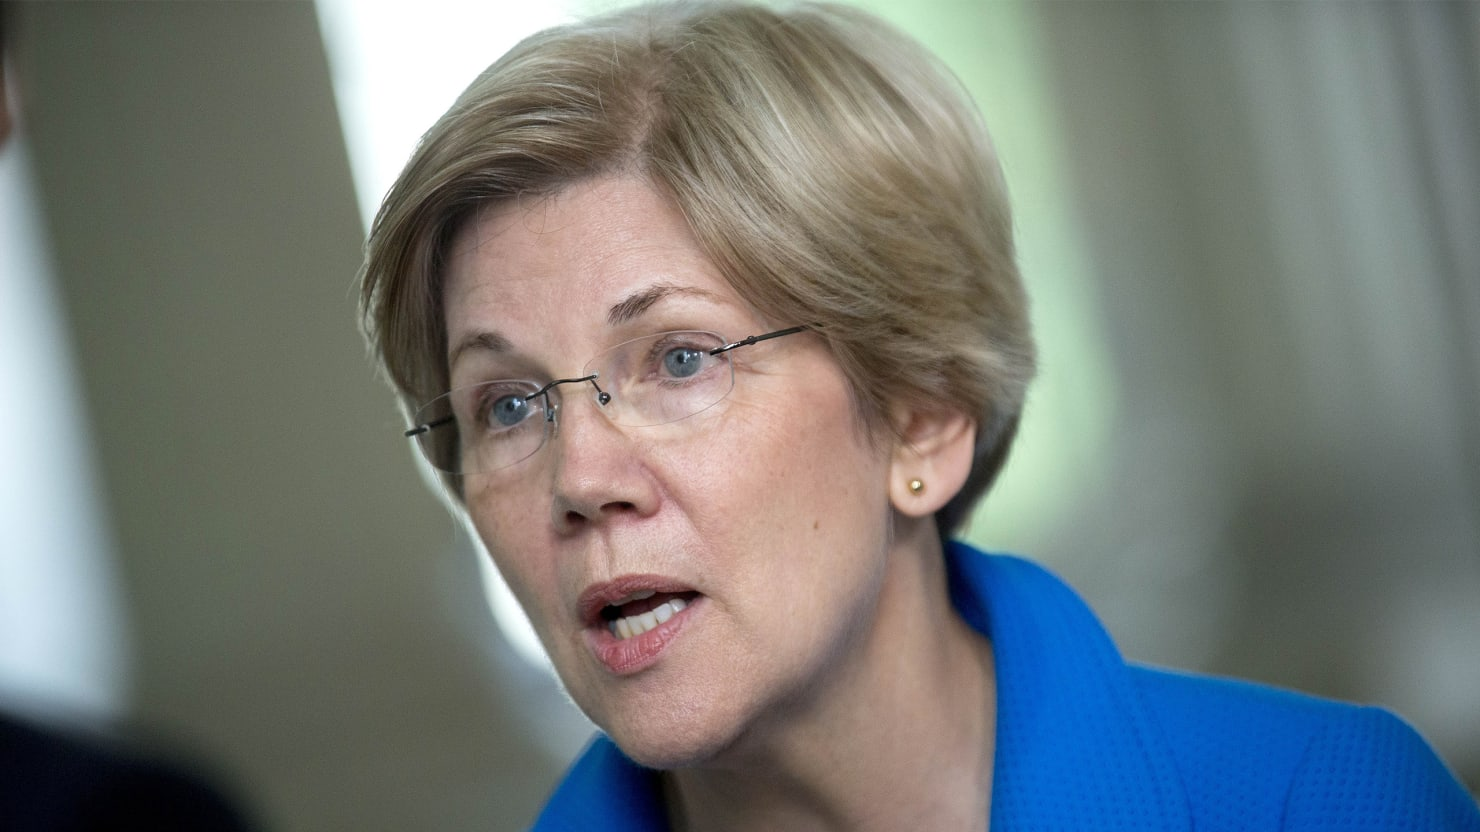 In the Warren vs. Dimon Feud, It's Warren, Not Even Close